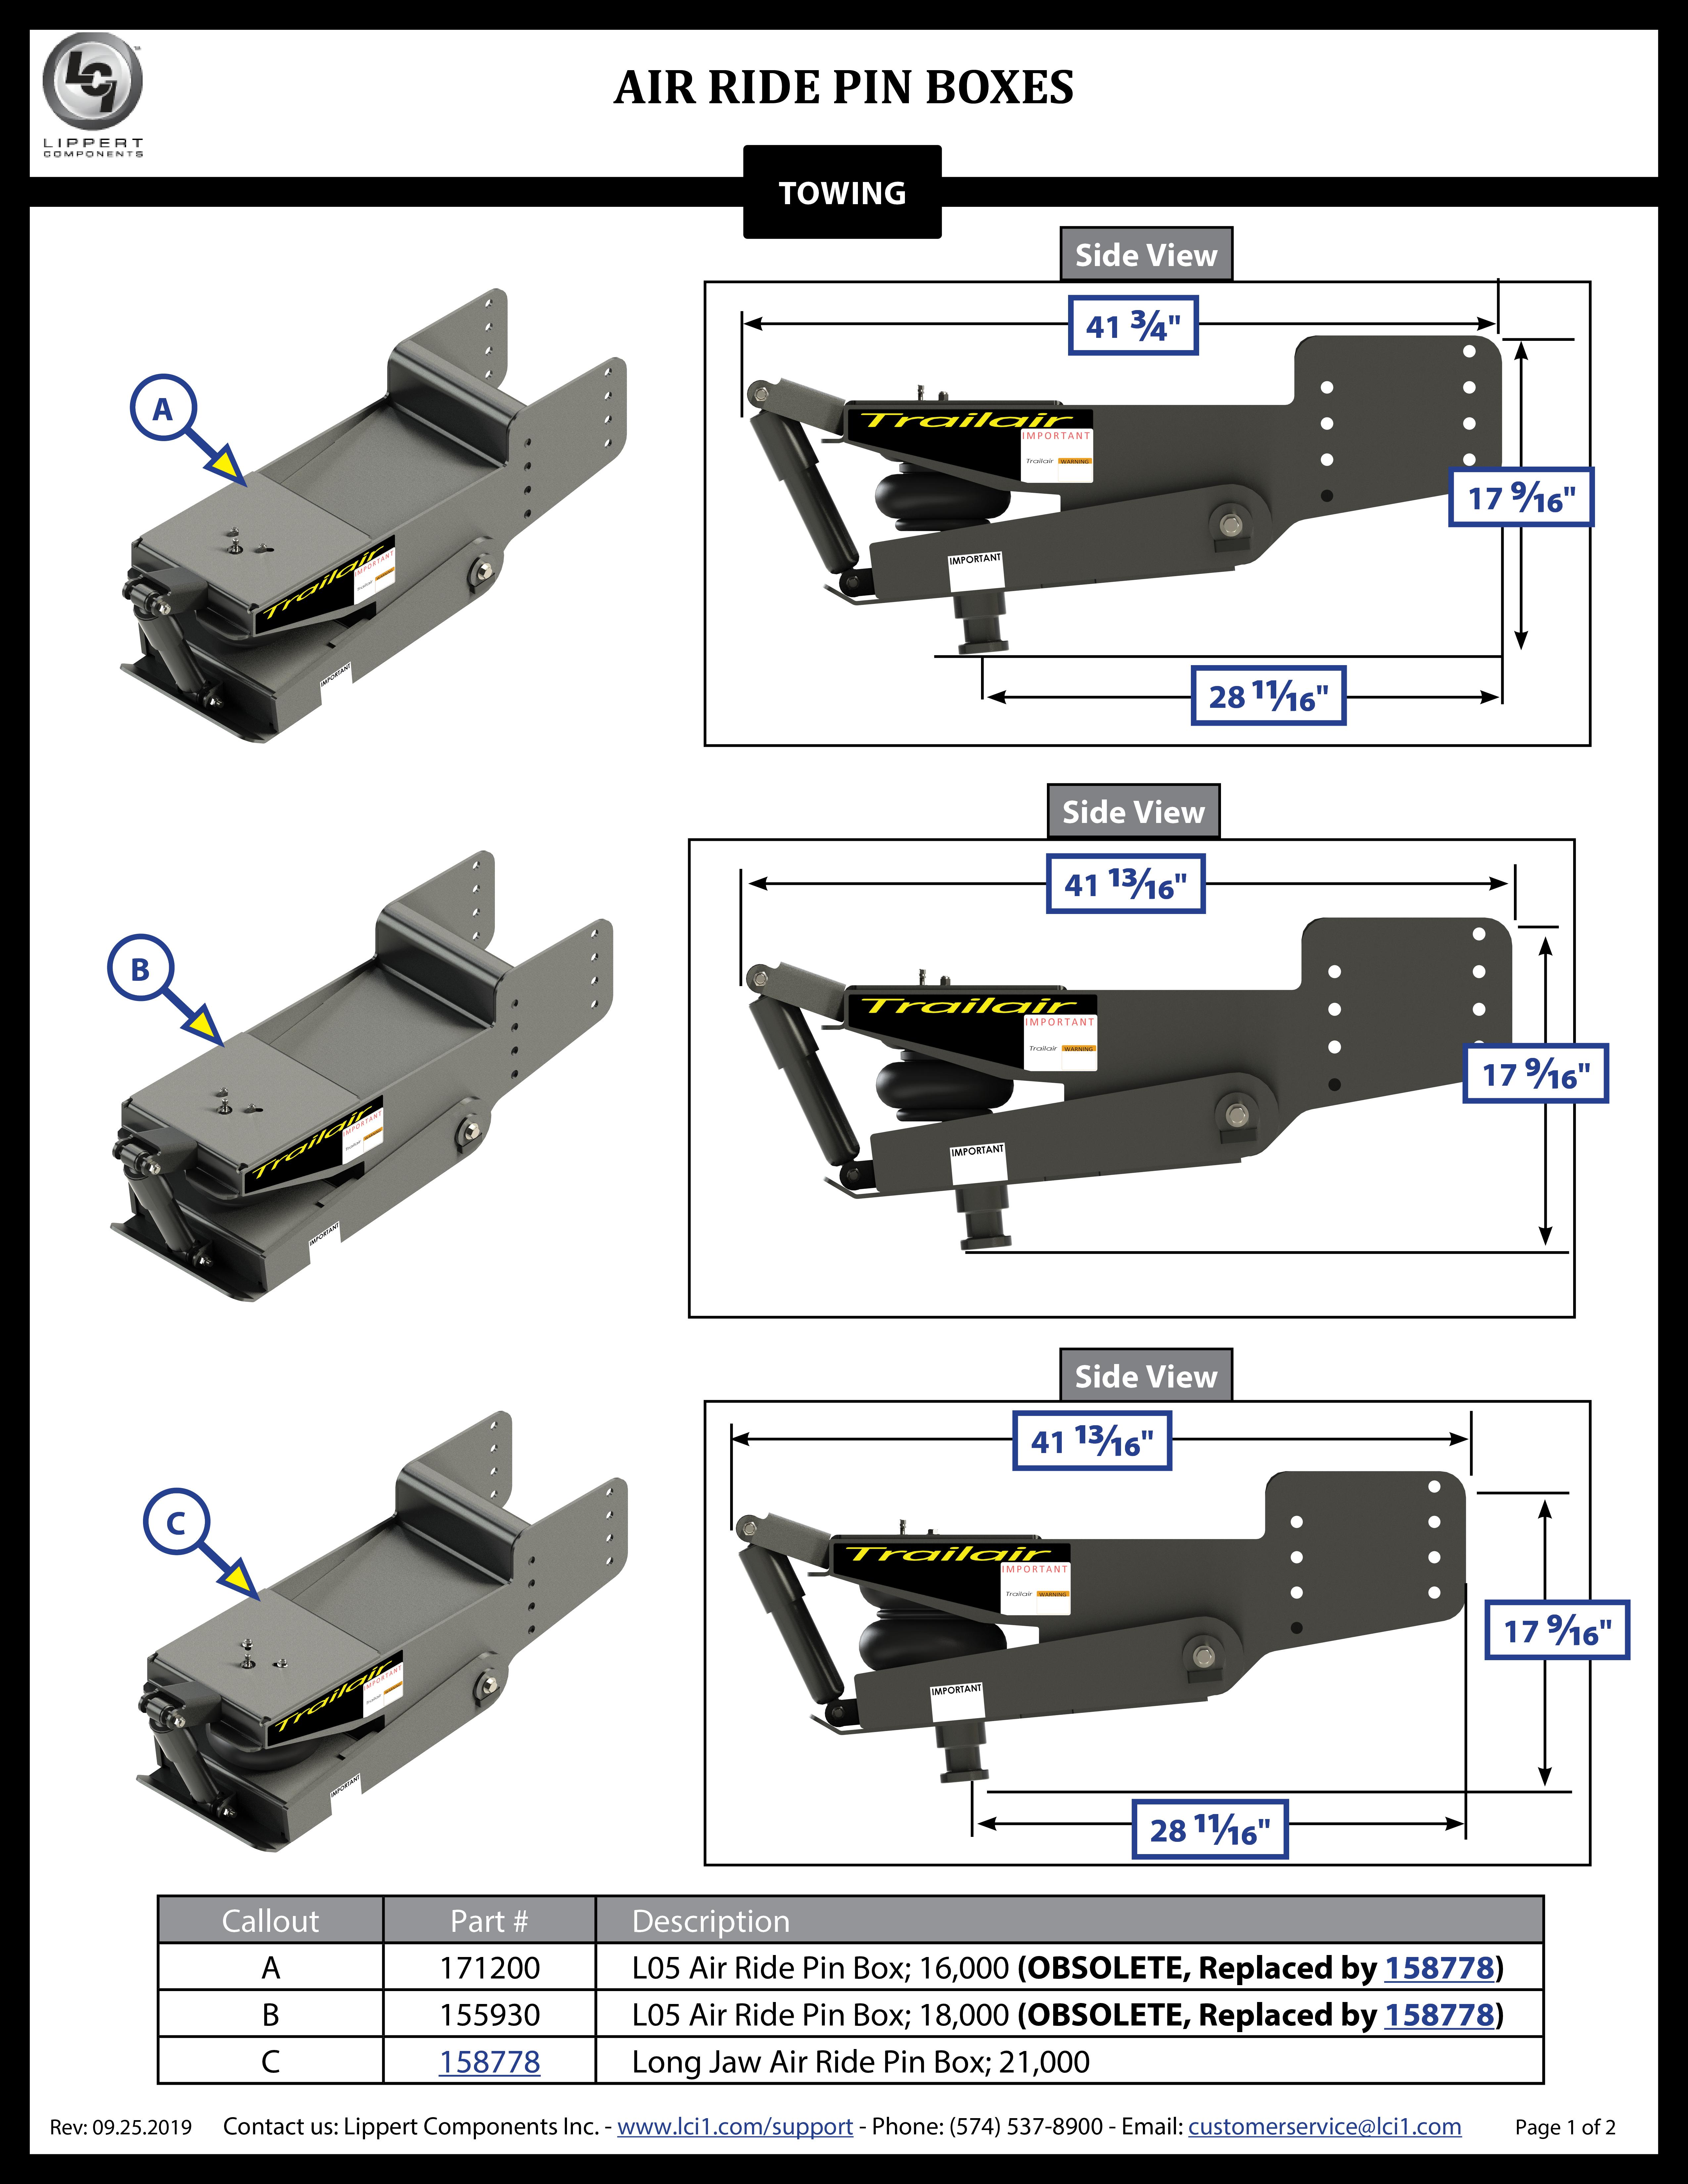 Air Ride Pin Boxes